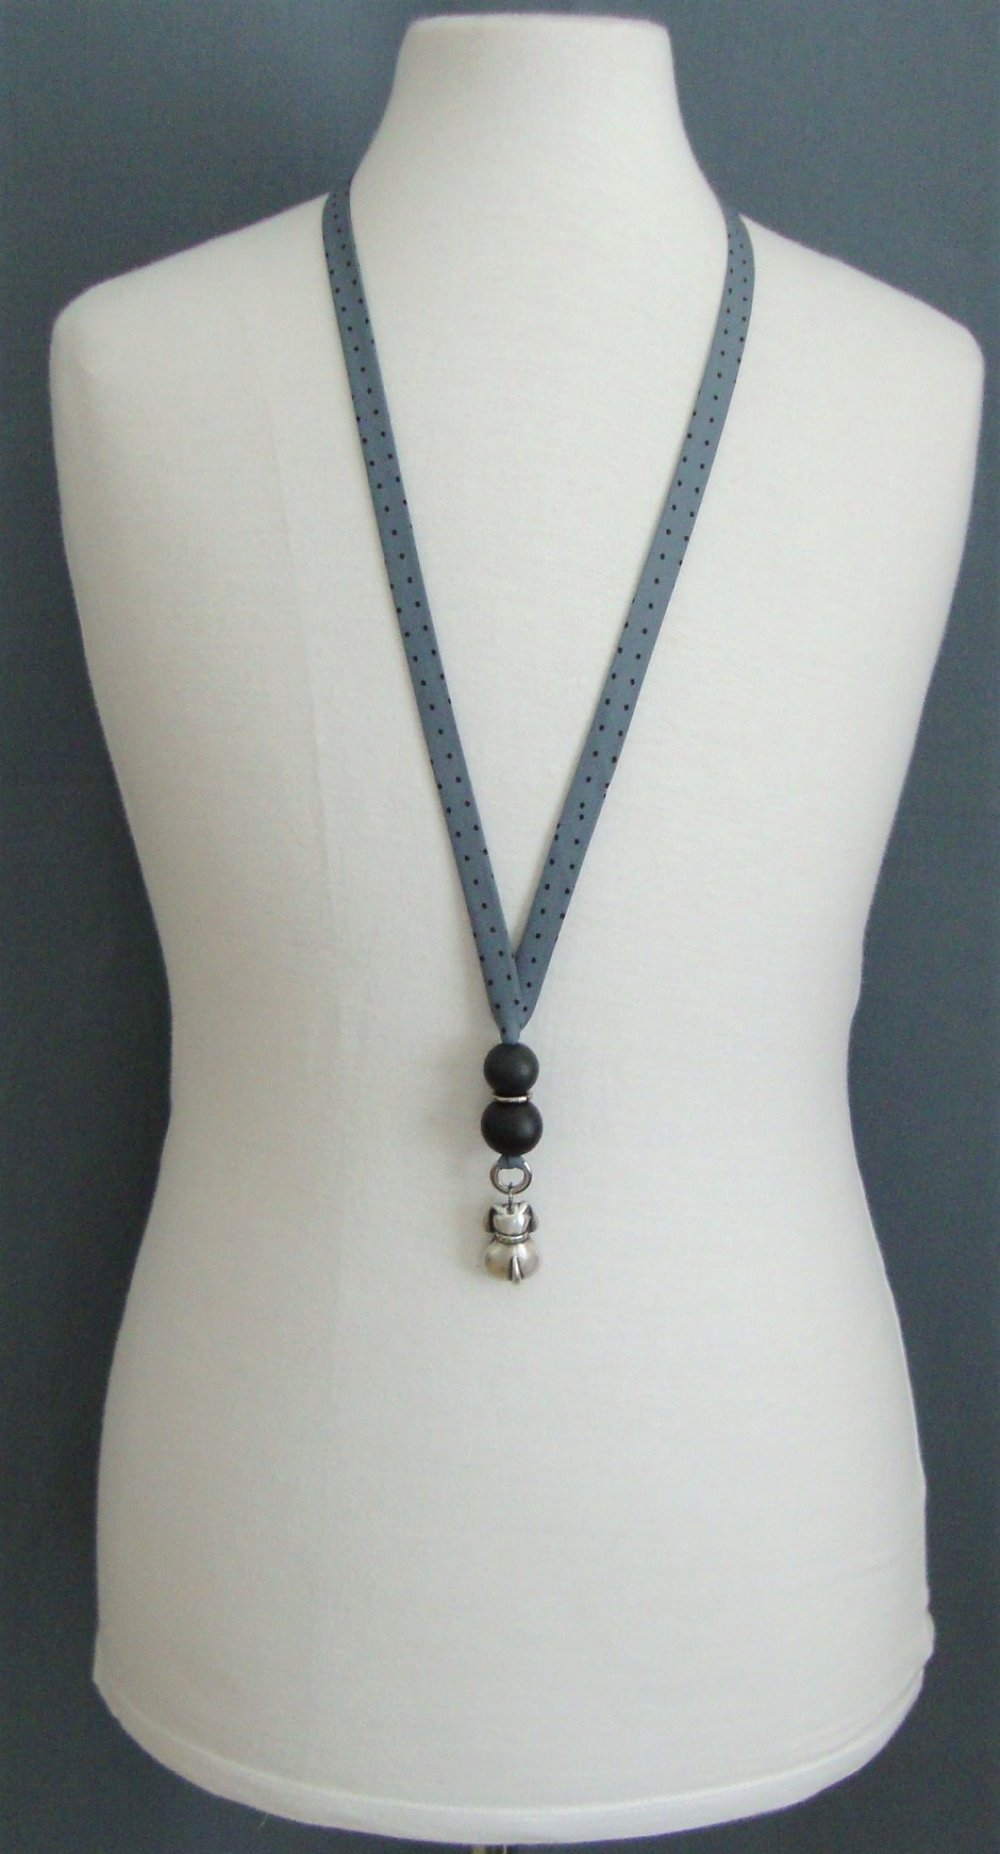 """Collier en biais France Duval """"orageux à pois noirs"""", perles rondes en bois et chien en métal argenté."""